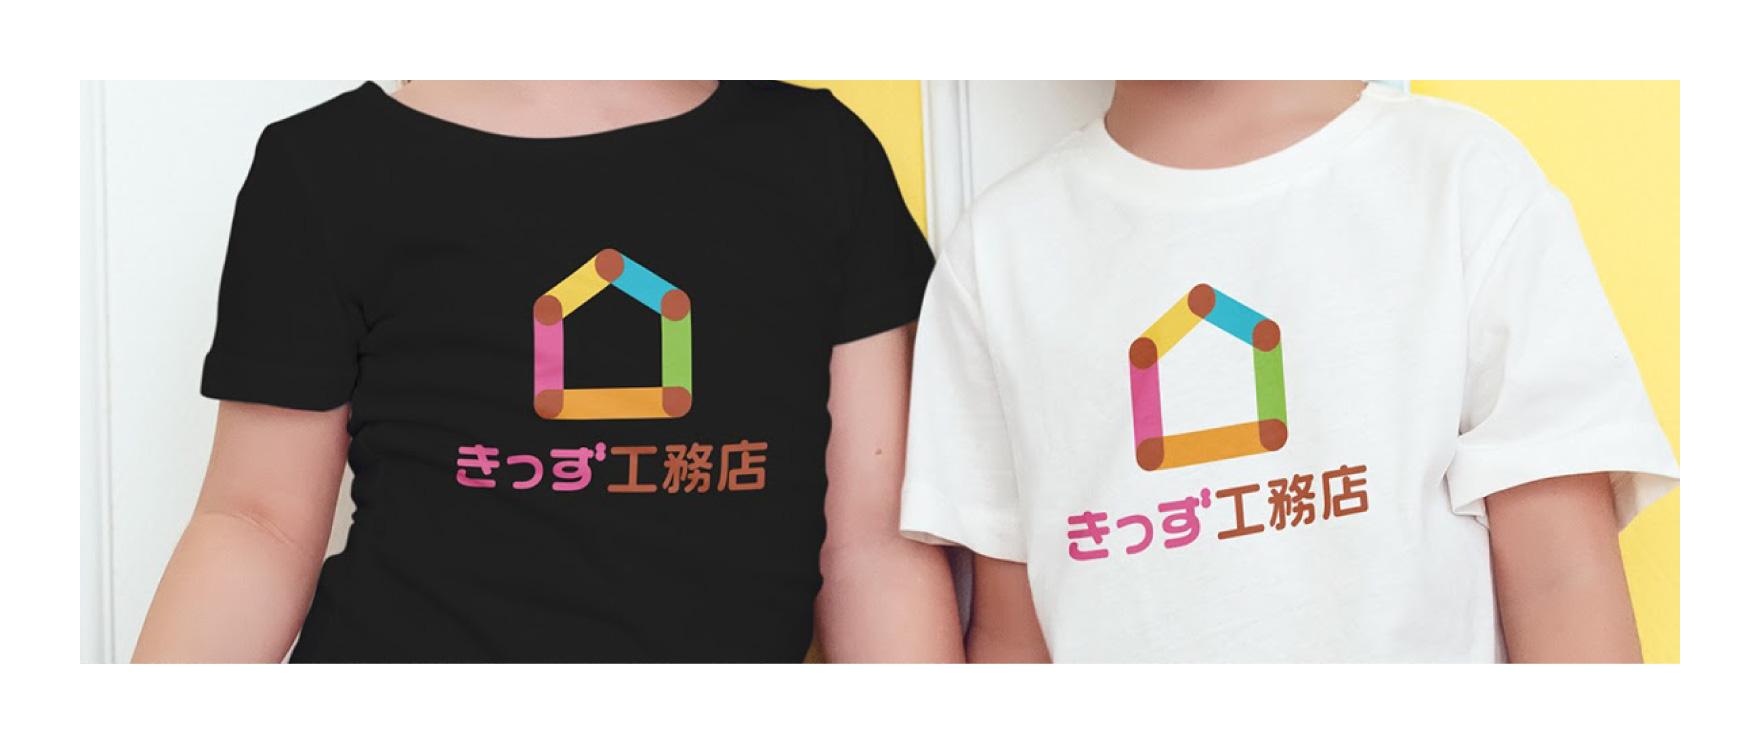 ②「きっず工務店」ロゴTシャツ